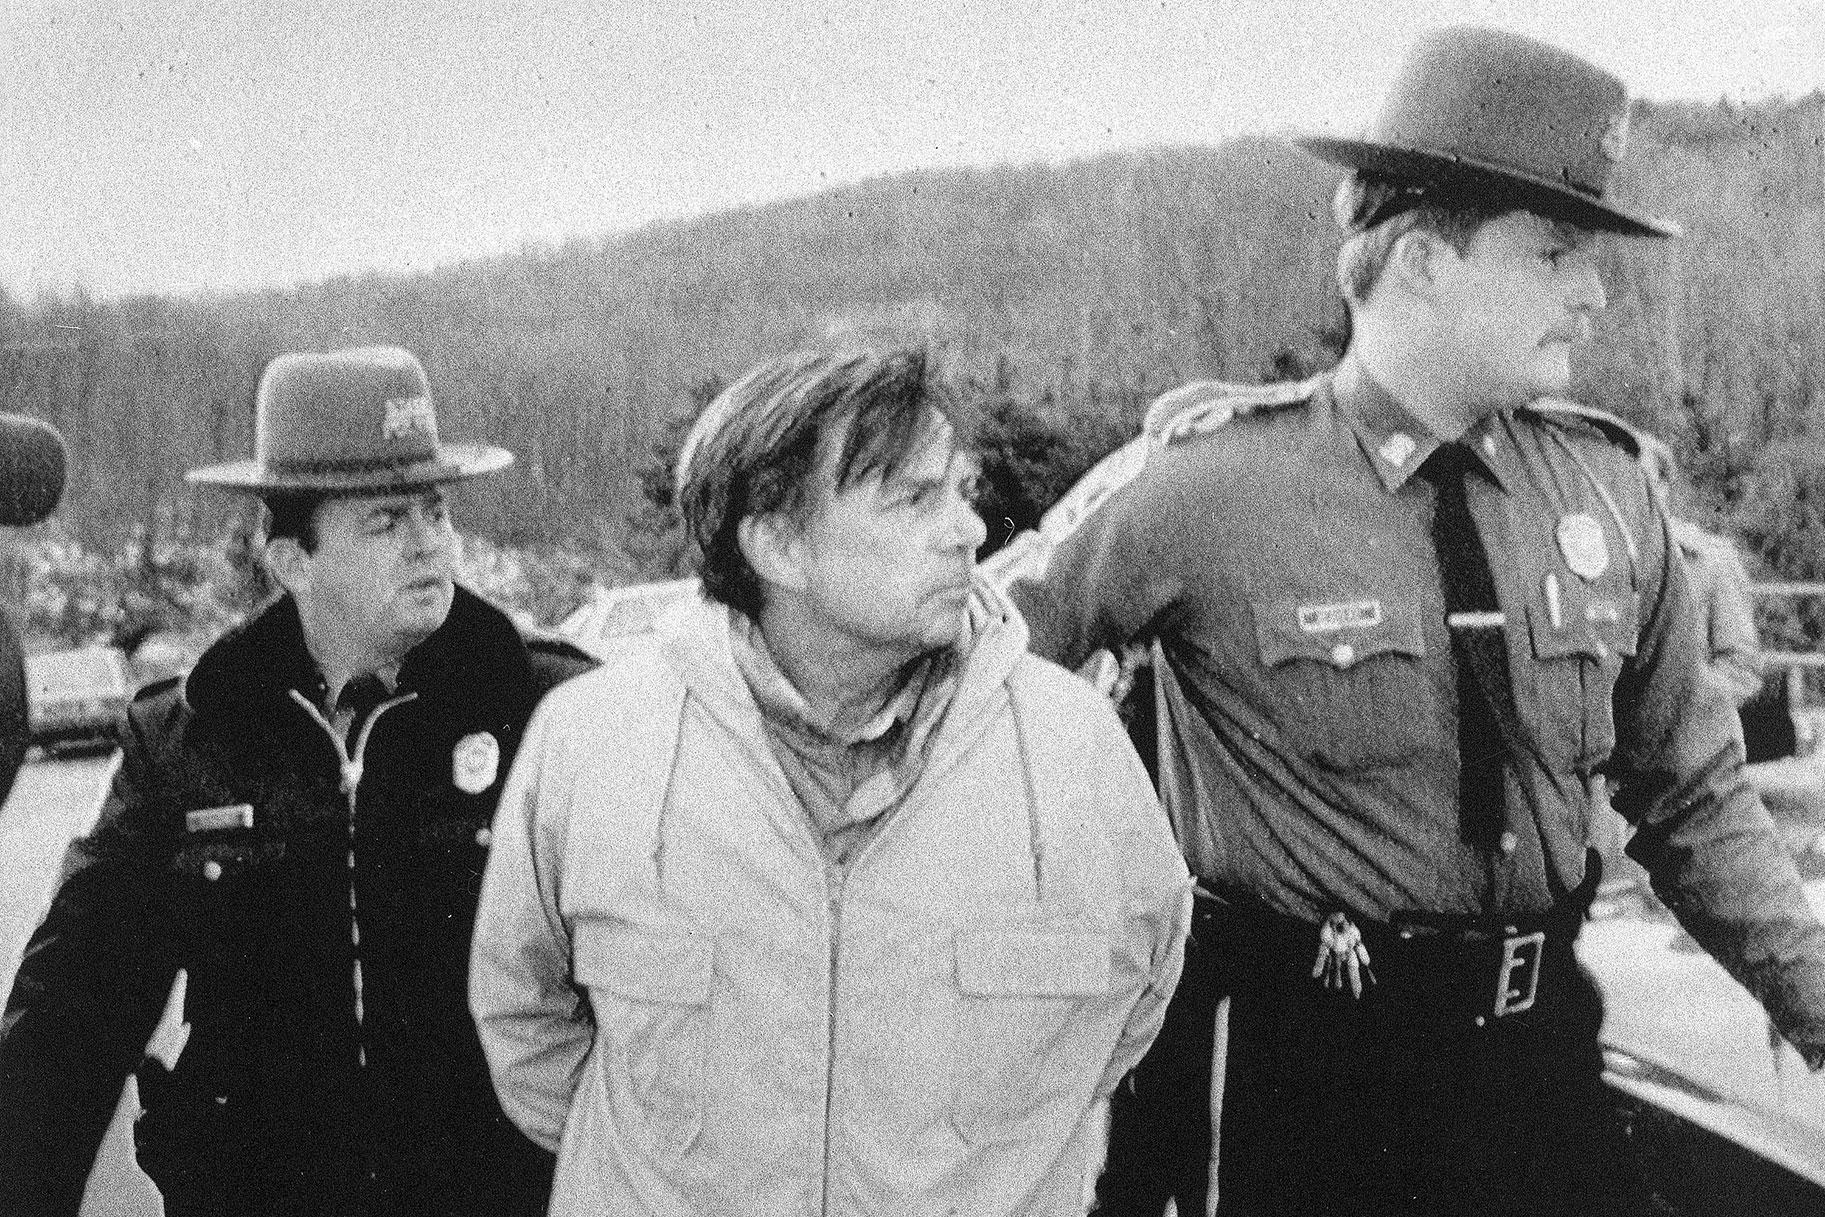 Hombre de Connecticut condenado por alimentar a su esposa con una trituradora de madera liberado de la prisión antes de tiempo